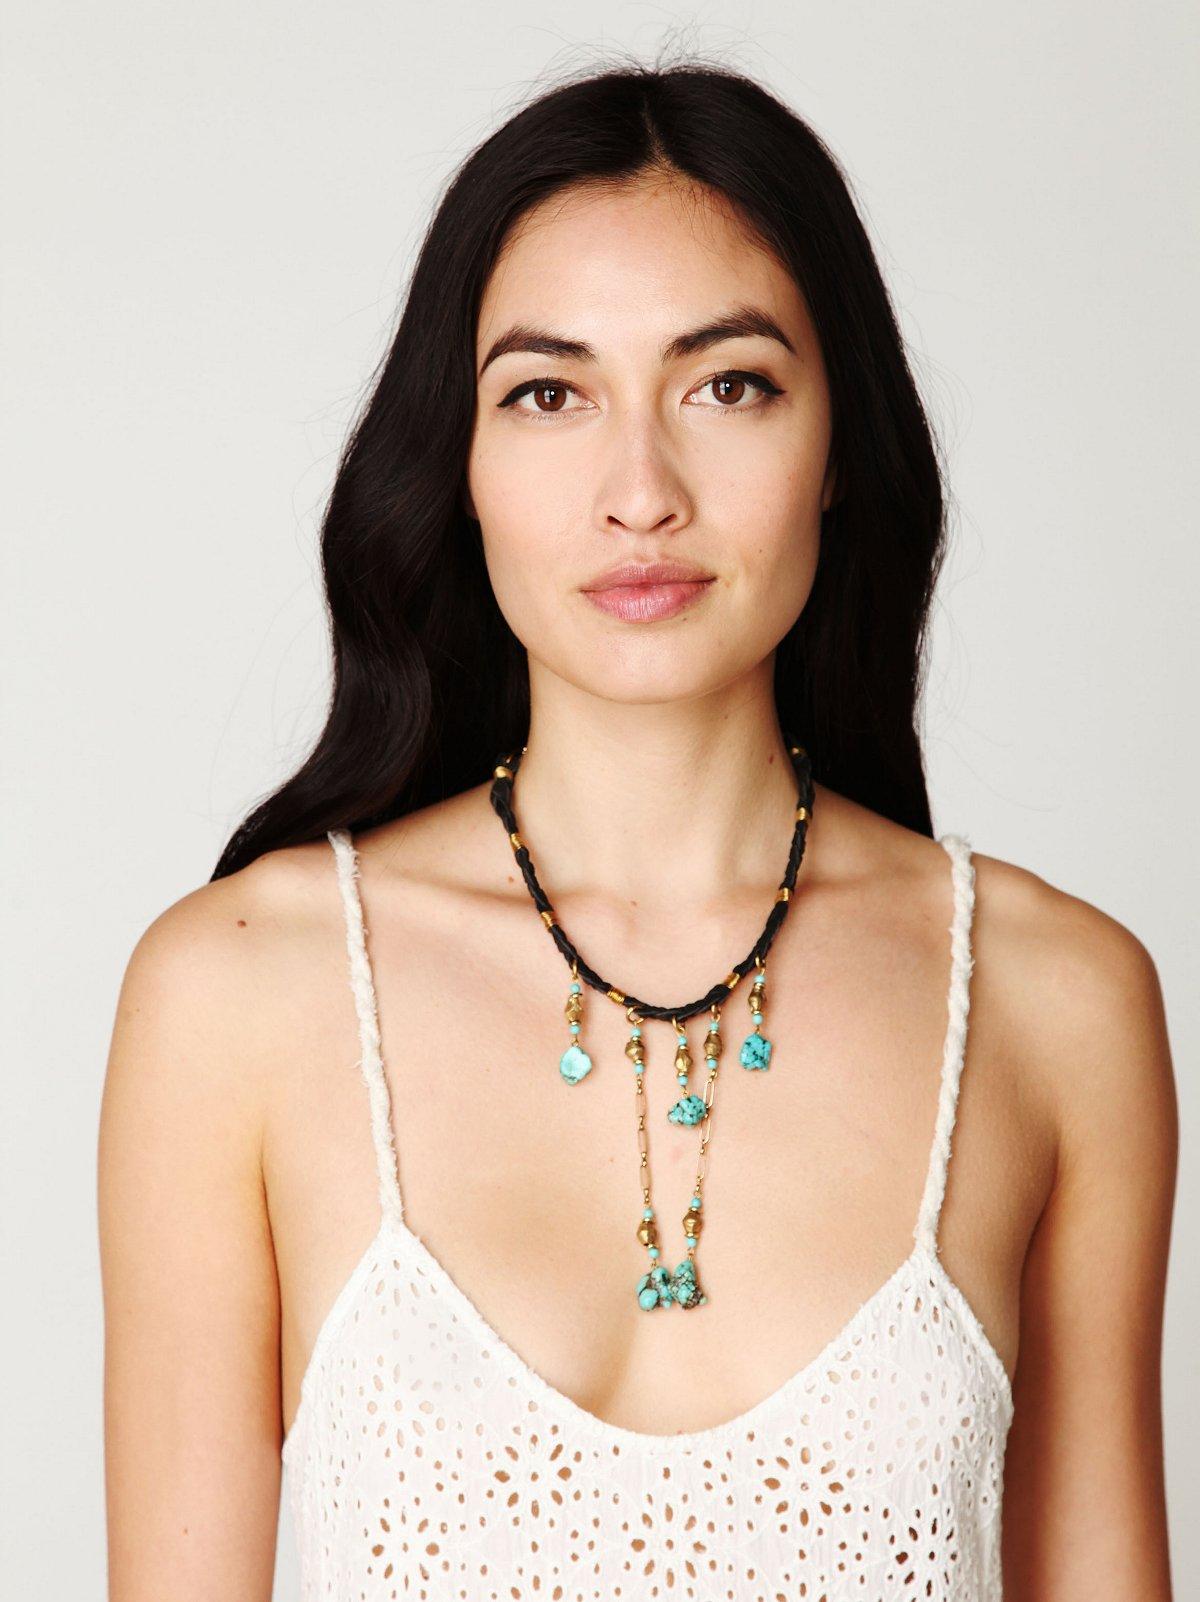 La Playa Turquoise Necklace